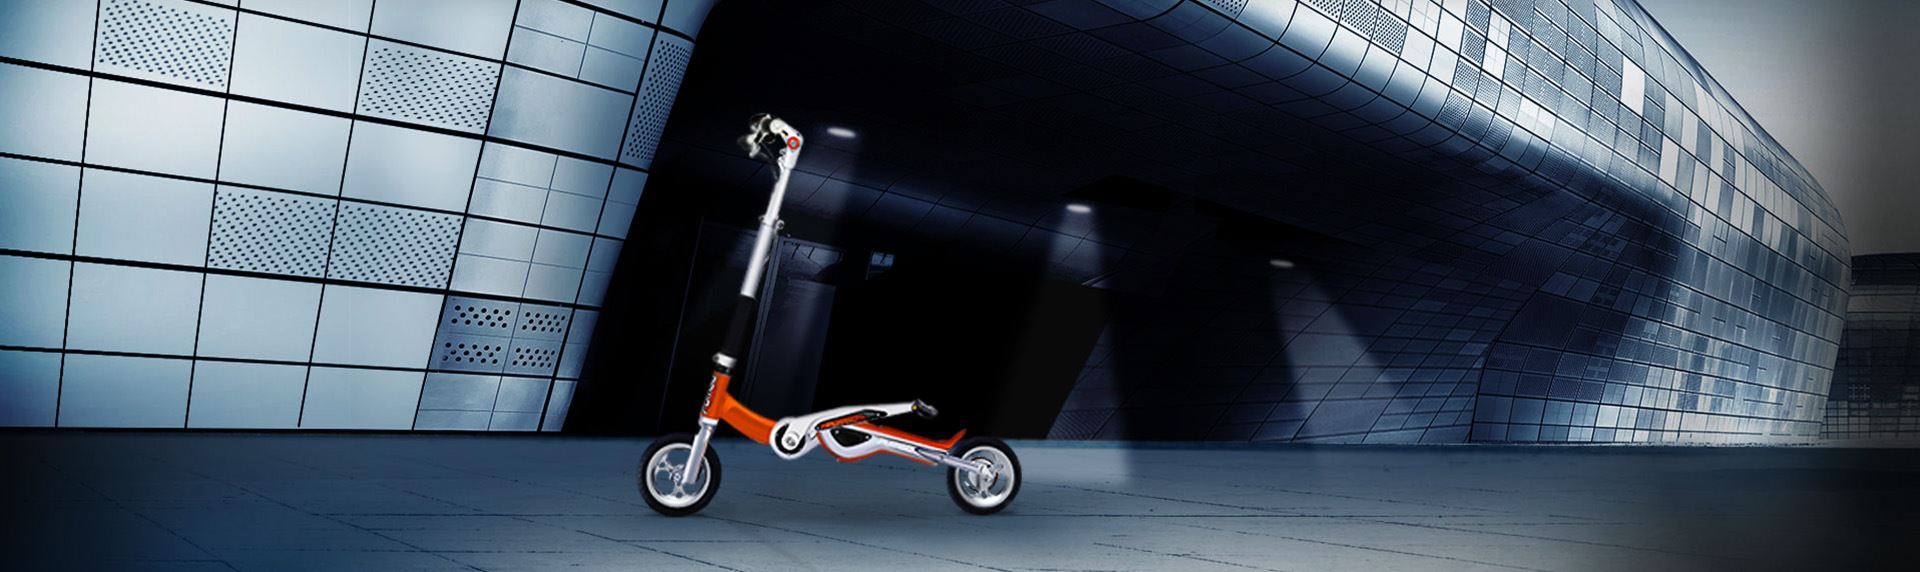 谷歌设计-踏步车